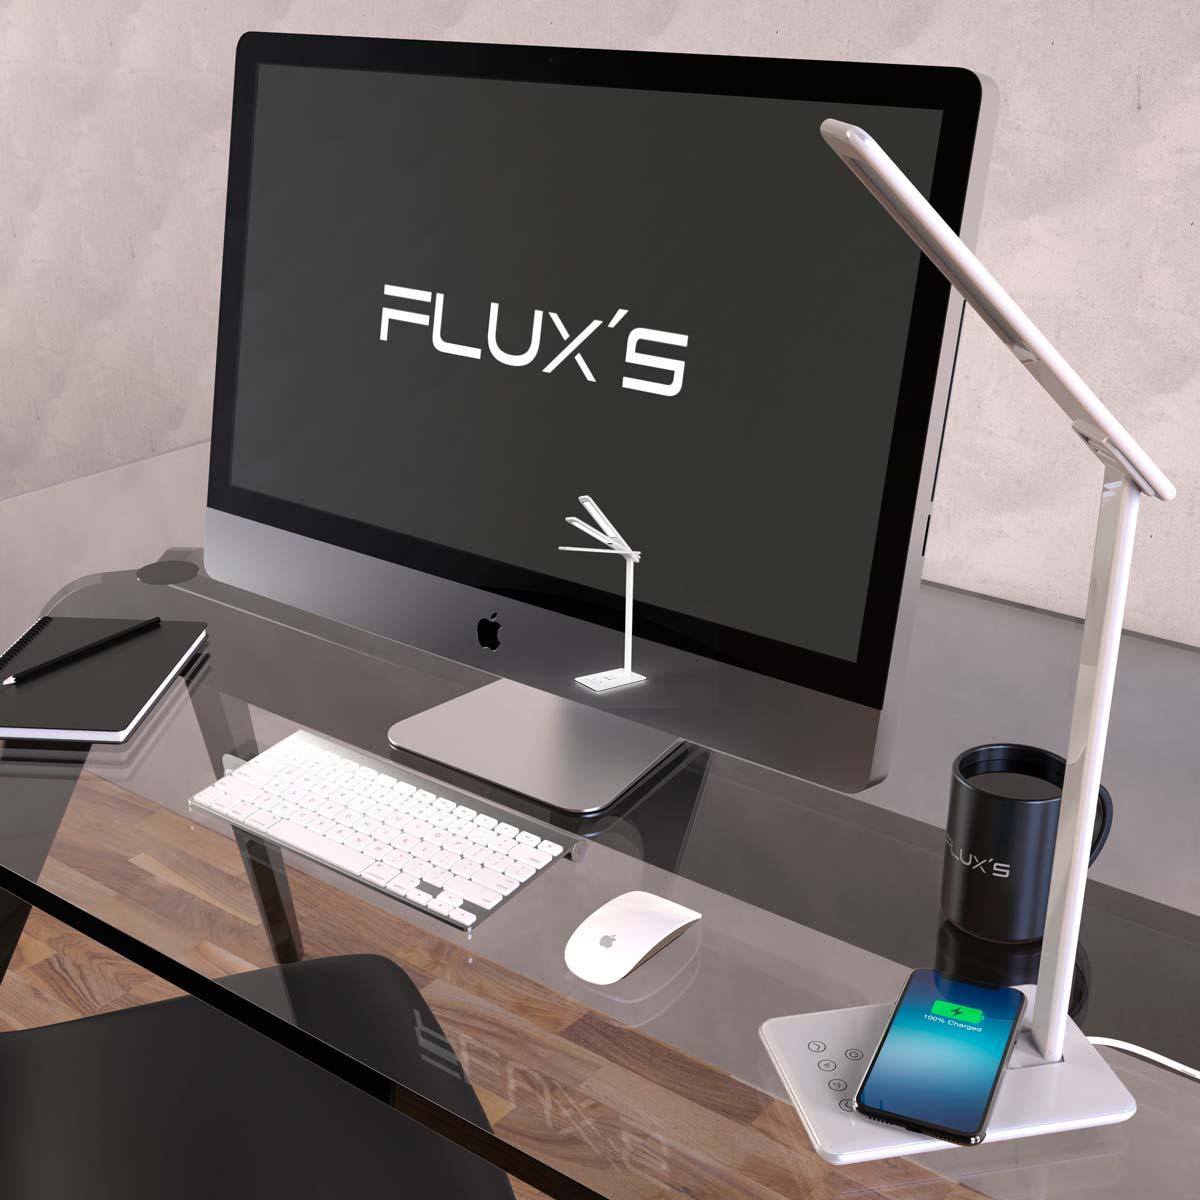 flexo fluxs carga inalambrica